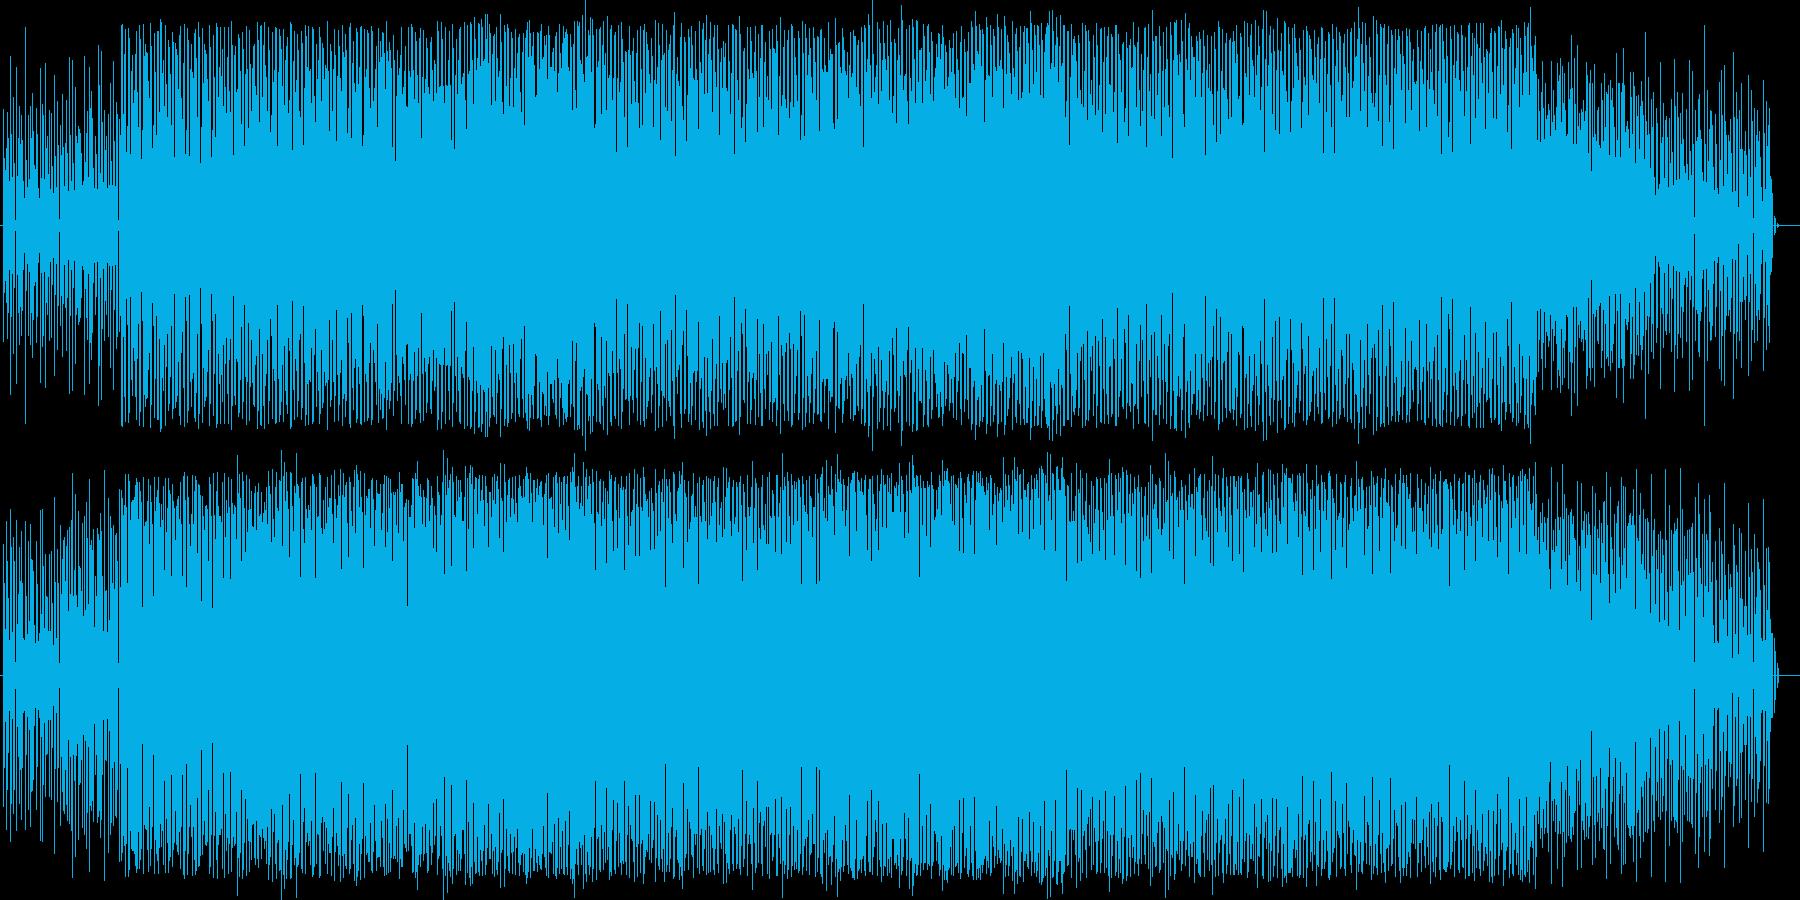 90年代のテクノ/ハウス系インスト曲の再生済みの波形